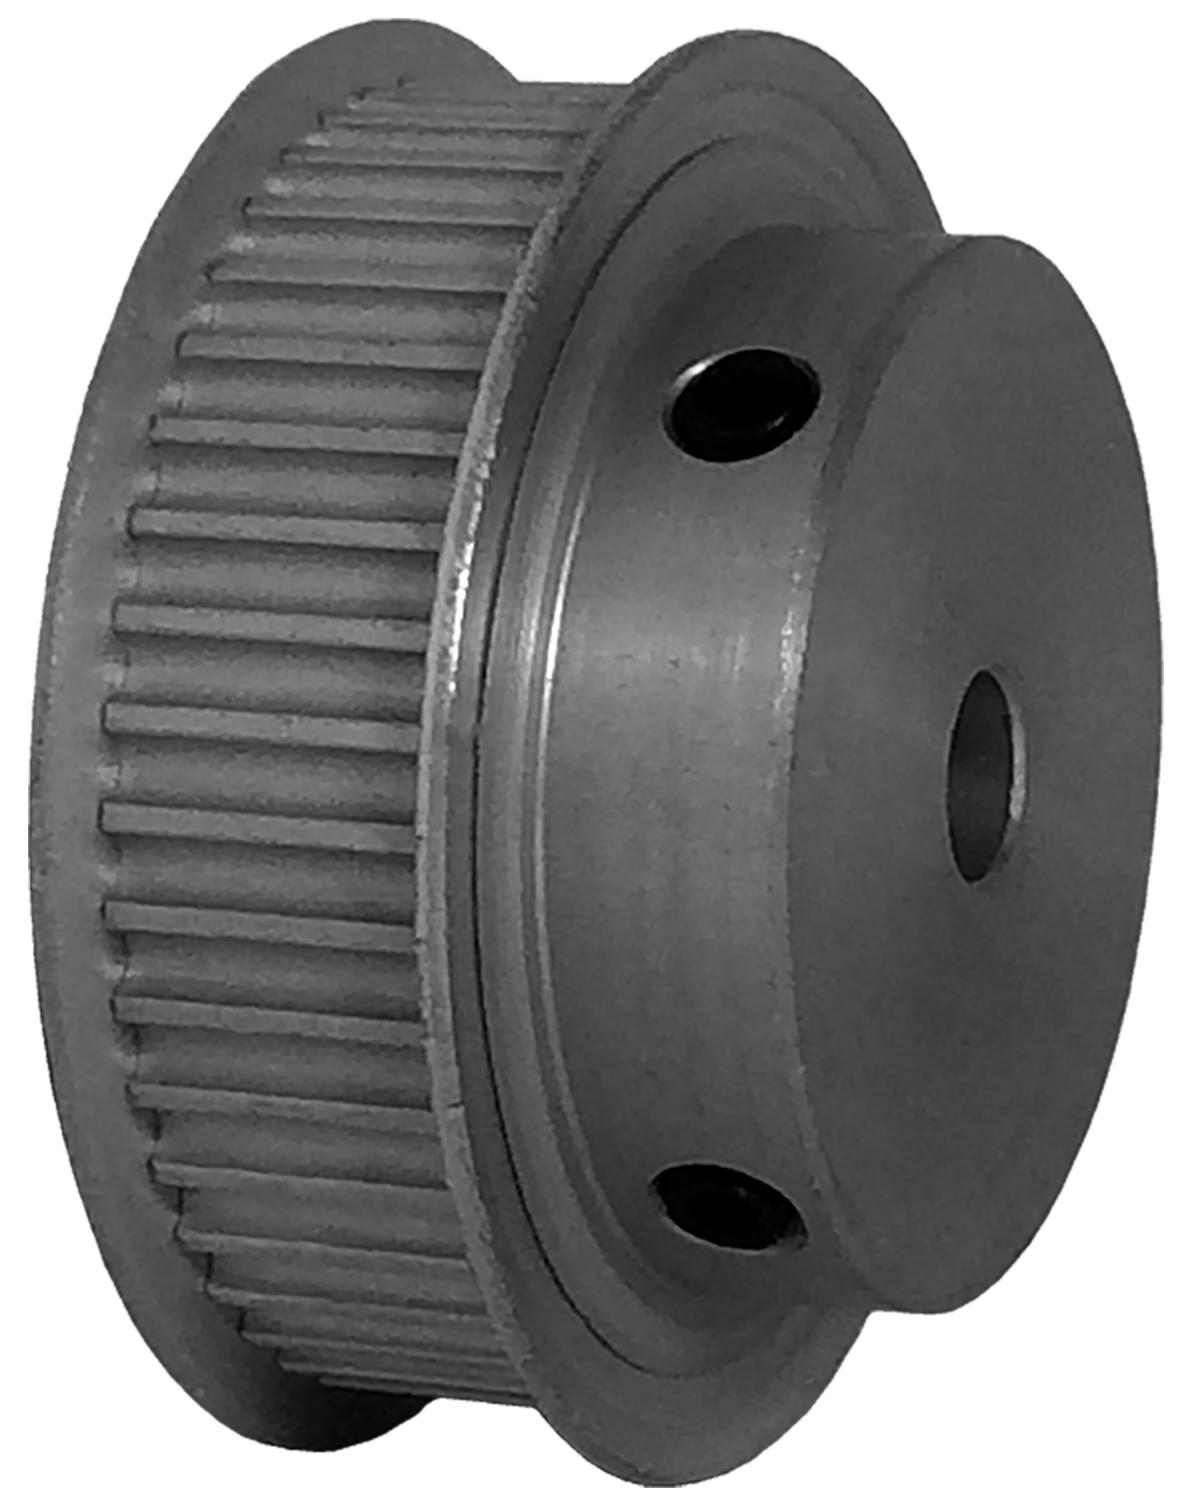 44-3P09-6FA3 - Aluminum Powerhouse® Pulleys